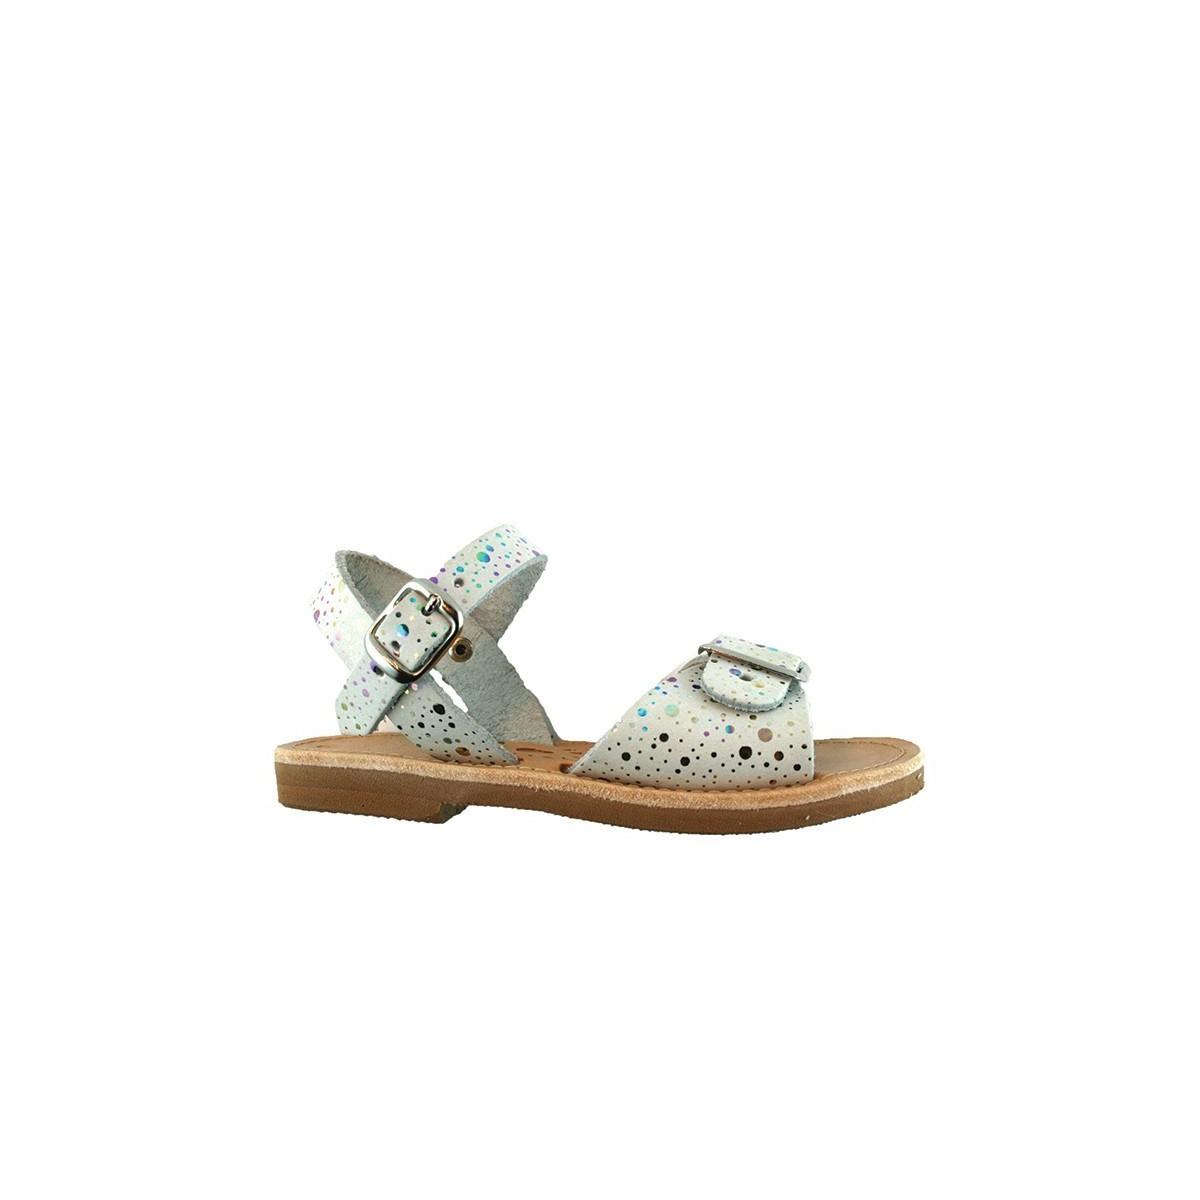 Sandale Grecque Egee White/Silver